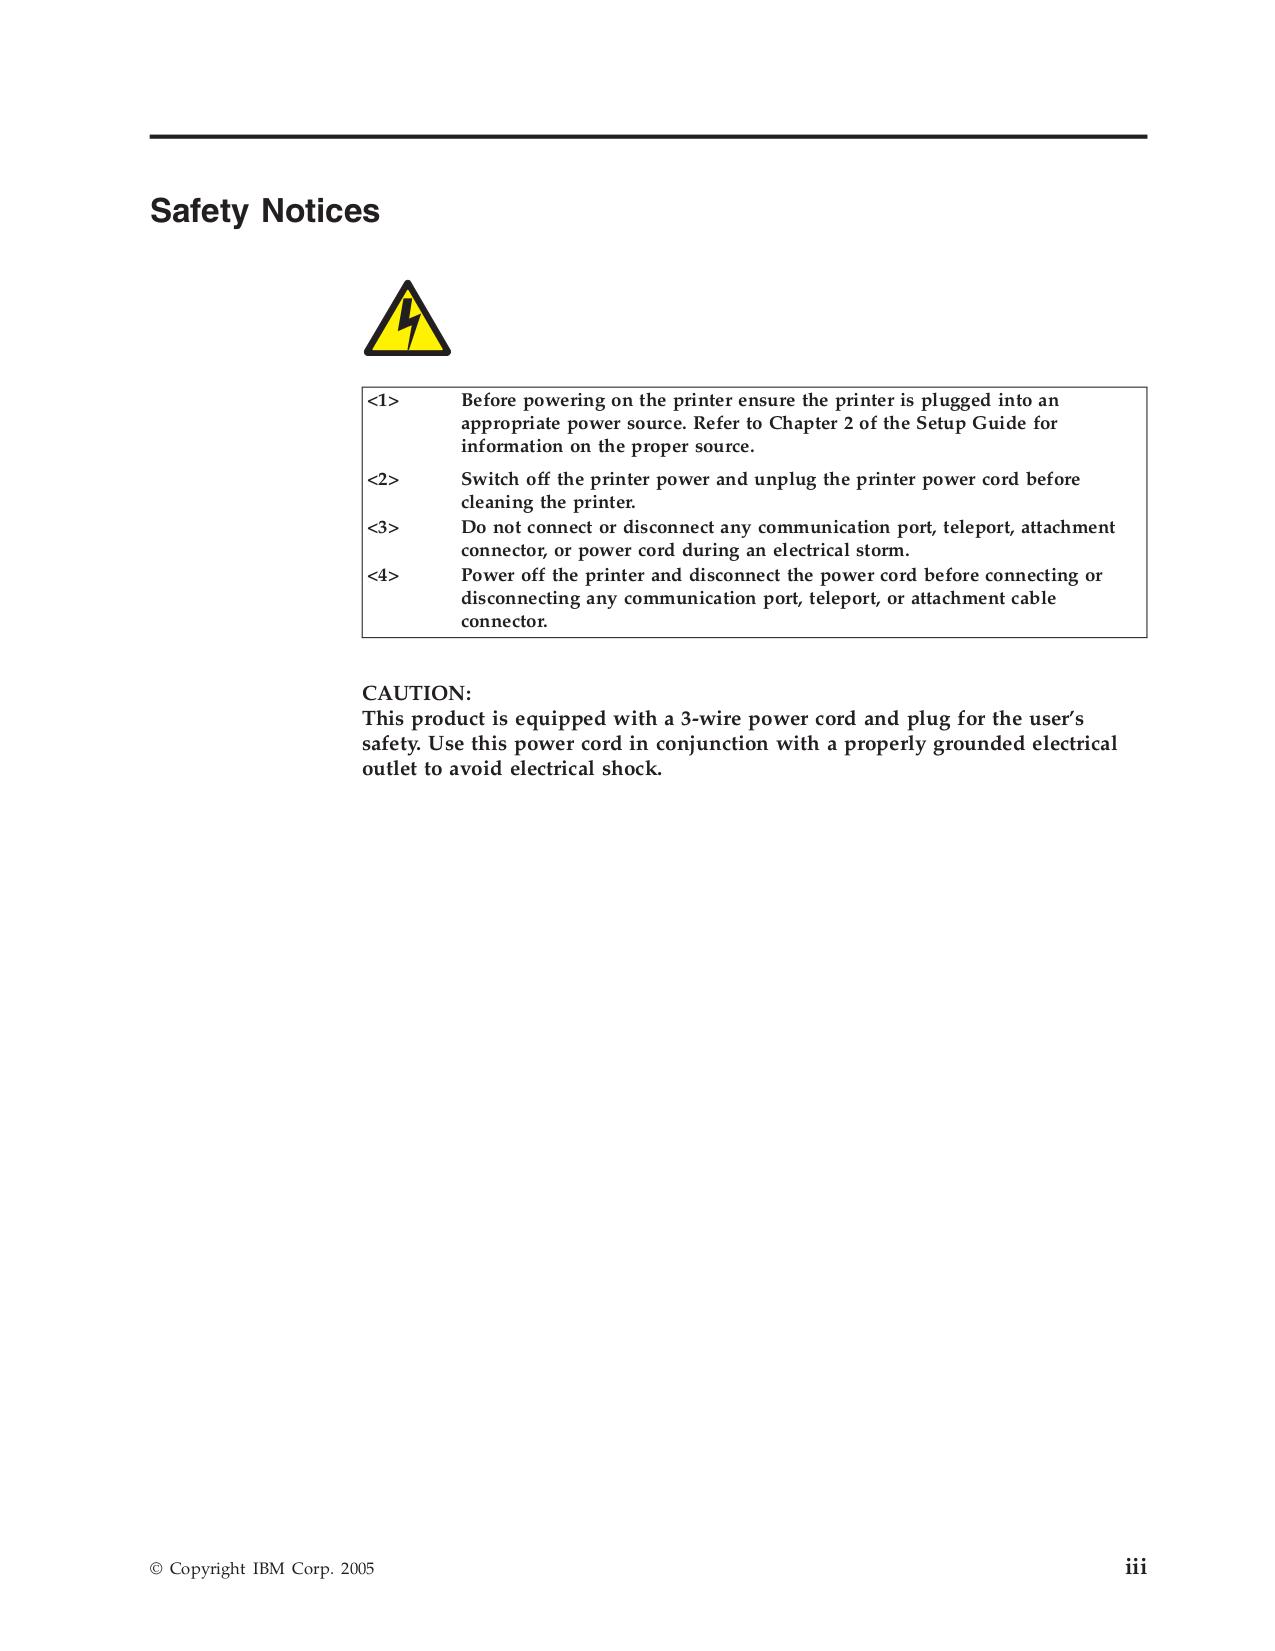 pdf manual for ibm printer infoprint 6500 rh umlib com